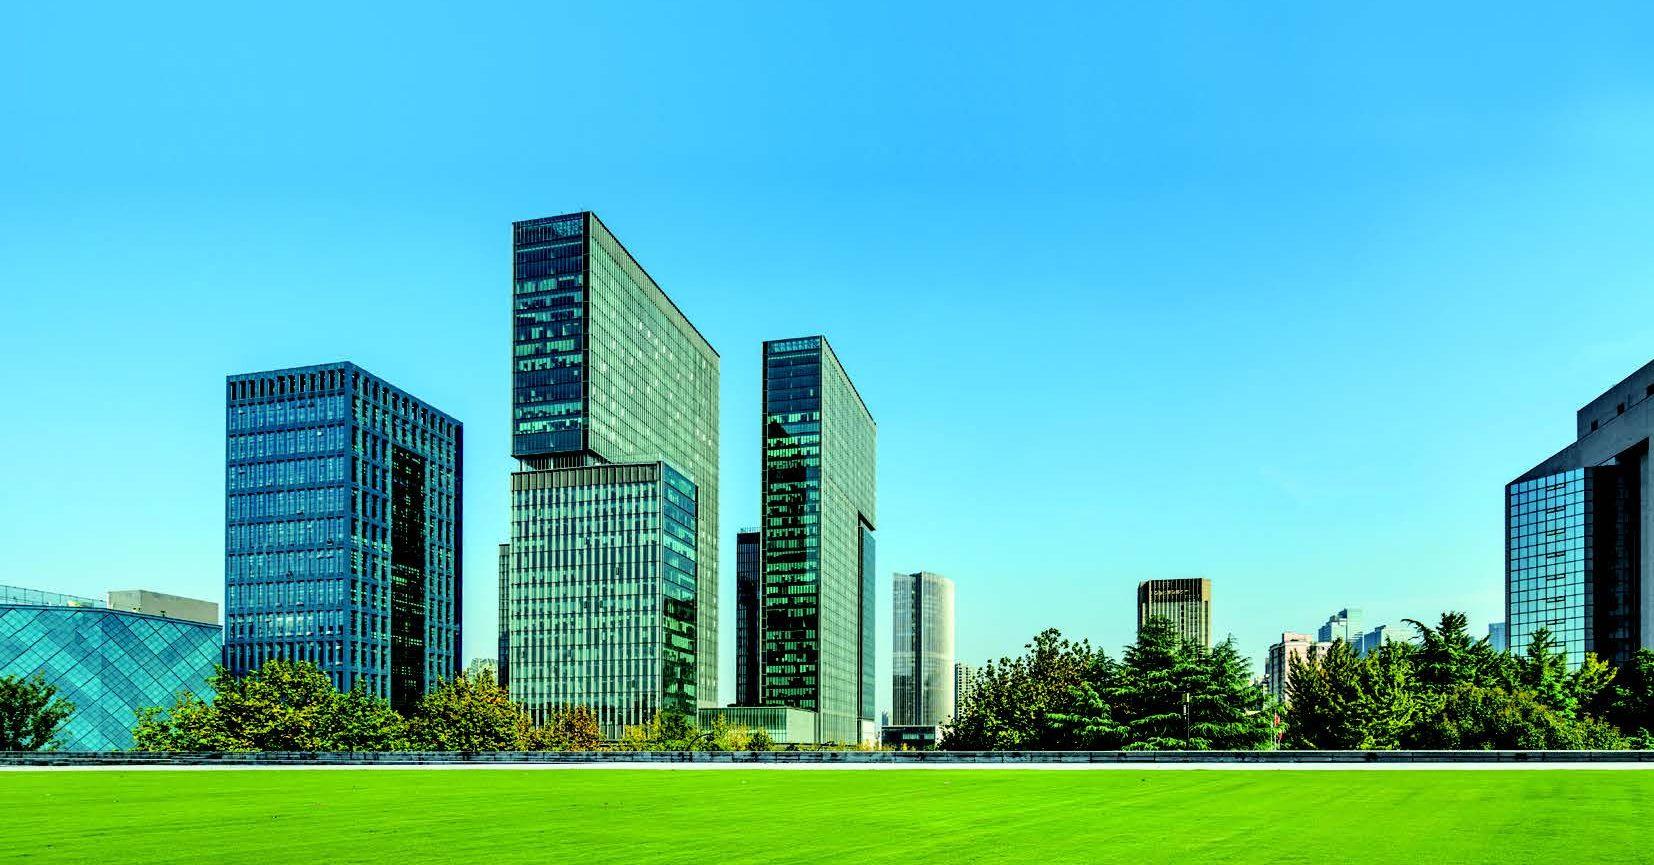 世界のESG不動産: 賃料収益、資産価値、評価に対する ESG投資の具体的経済効果